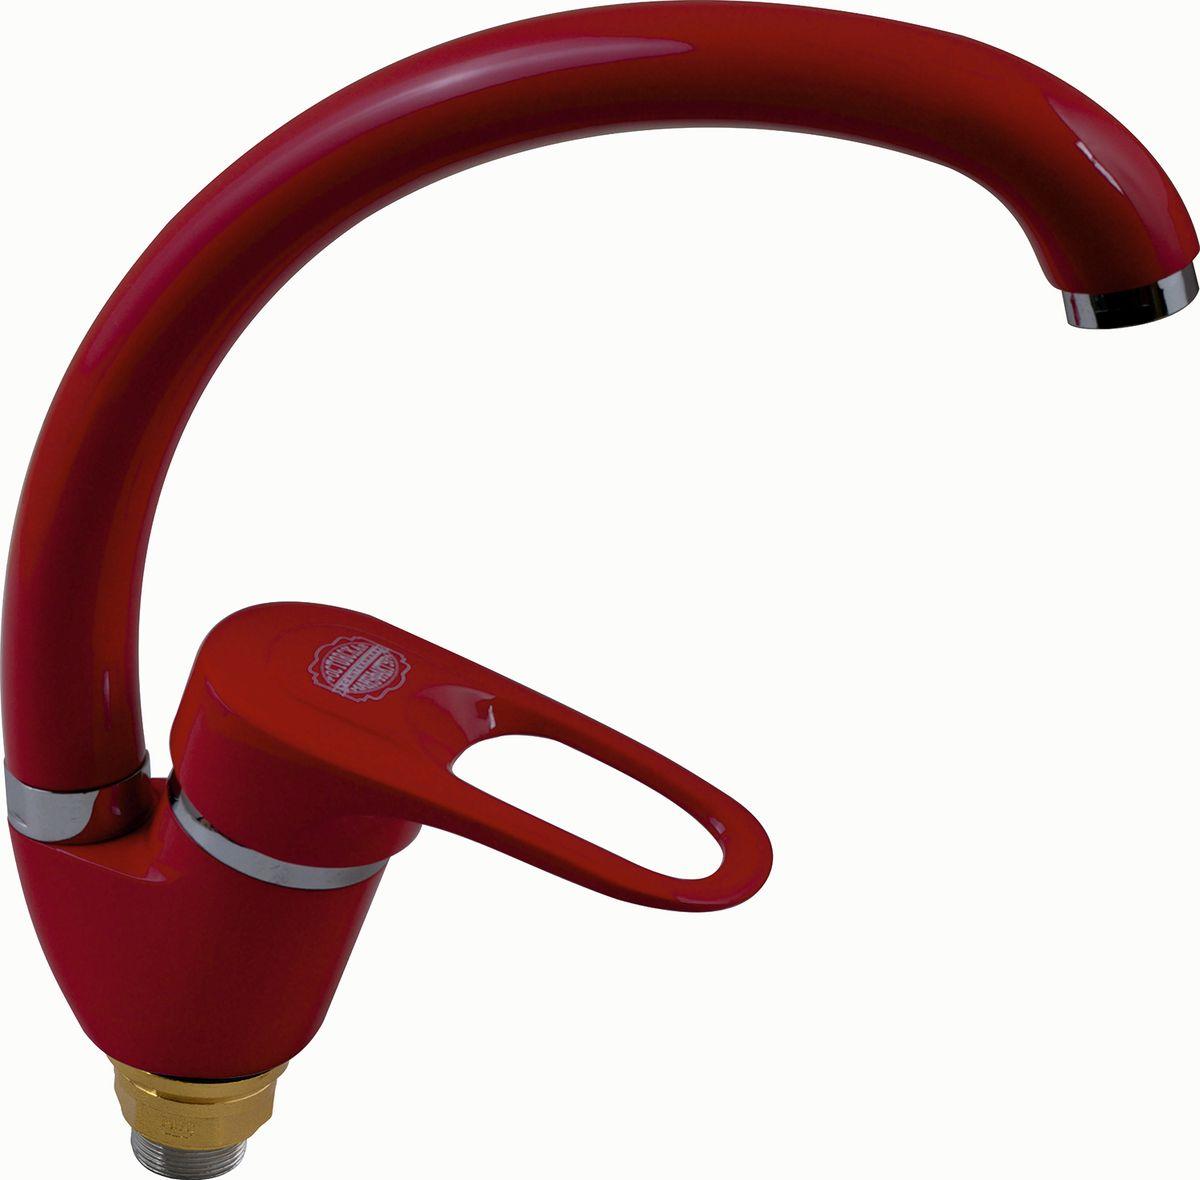 Смеситель для кухни РМС, с высоким поворотным изливом. SL77R-011F. Цвет: красныйSL120-004-15Смеситель для кухни с высоким изливом. Картридж:керамический 40мм. Крепление: гайка. Аэратор: пластиковый. Цвет покрытия корпуса: красный. В комплекте: гибкая подводка Особенности:- Крепление на гайке- Керамич.картридж 40мм- Аэратор пластиковый- Гибкая подводка